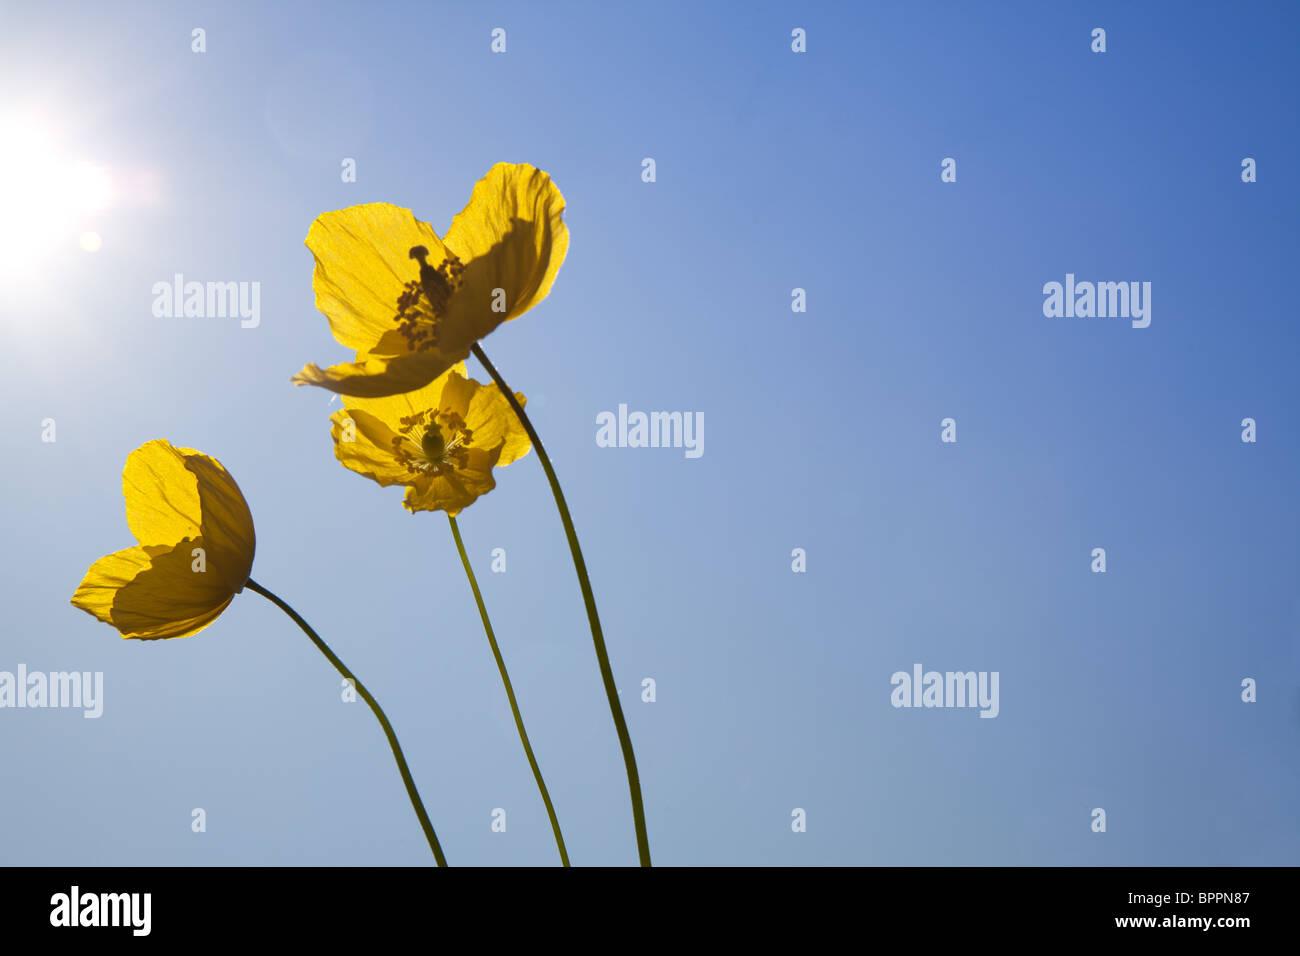 Papaveri selvatici che si inclina verso il sole in un cielo blu chiaro Foto Stock